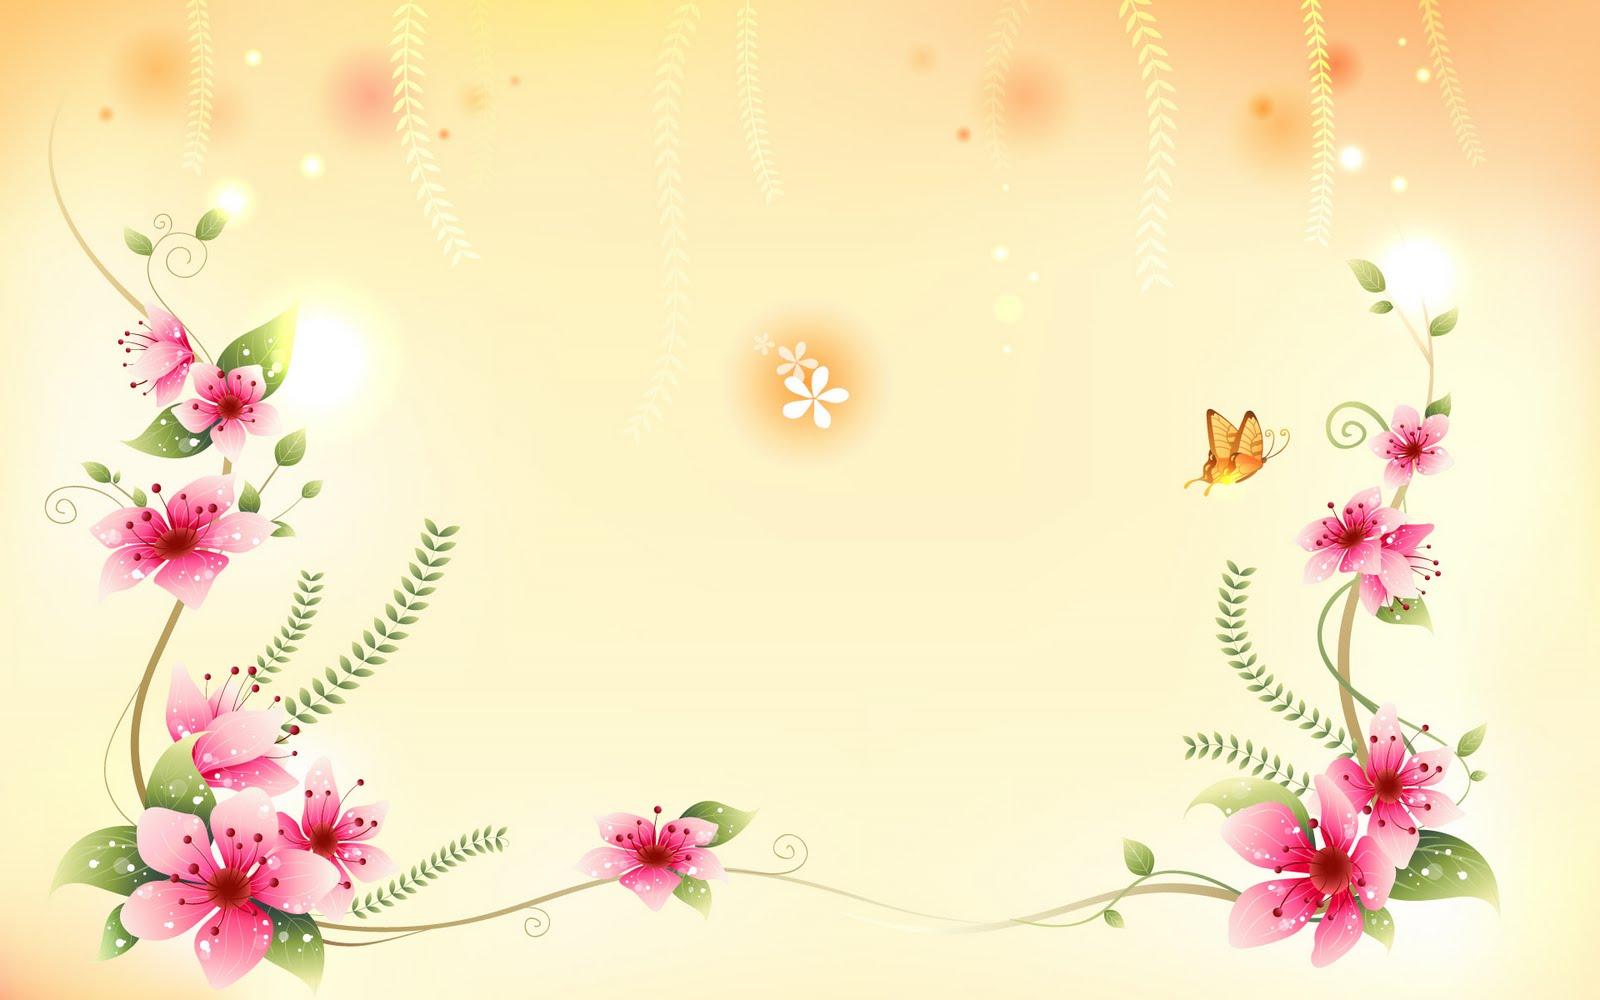 http://4.bp.blogspot.com/_KLJU3hHDGVM/TAnPWddHEcI/AAAAAAAACKY/v0A0ln092_A/s1600/Abstract%20Flowers%20(5).jpg